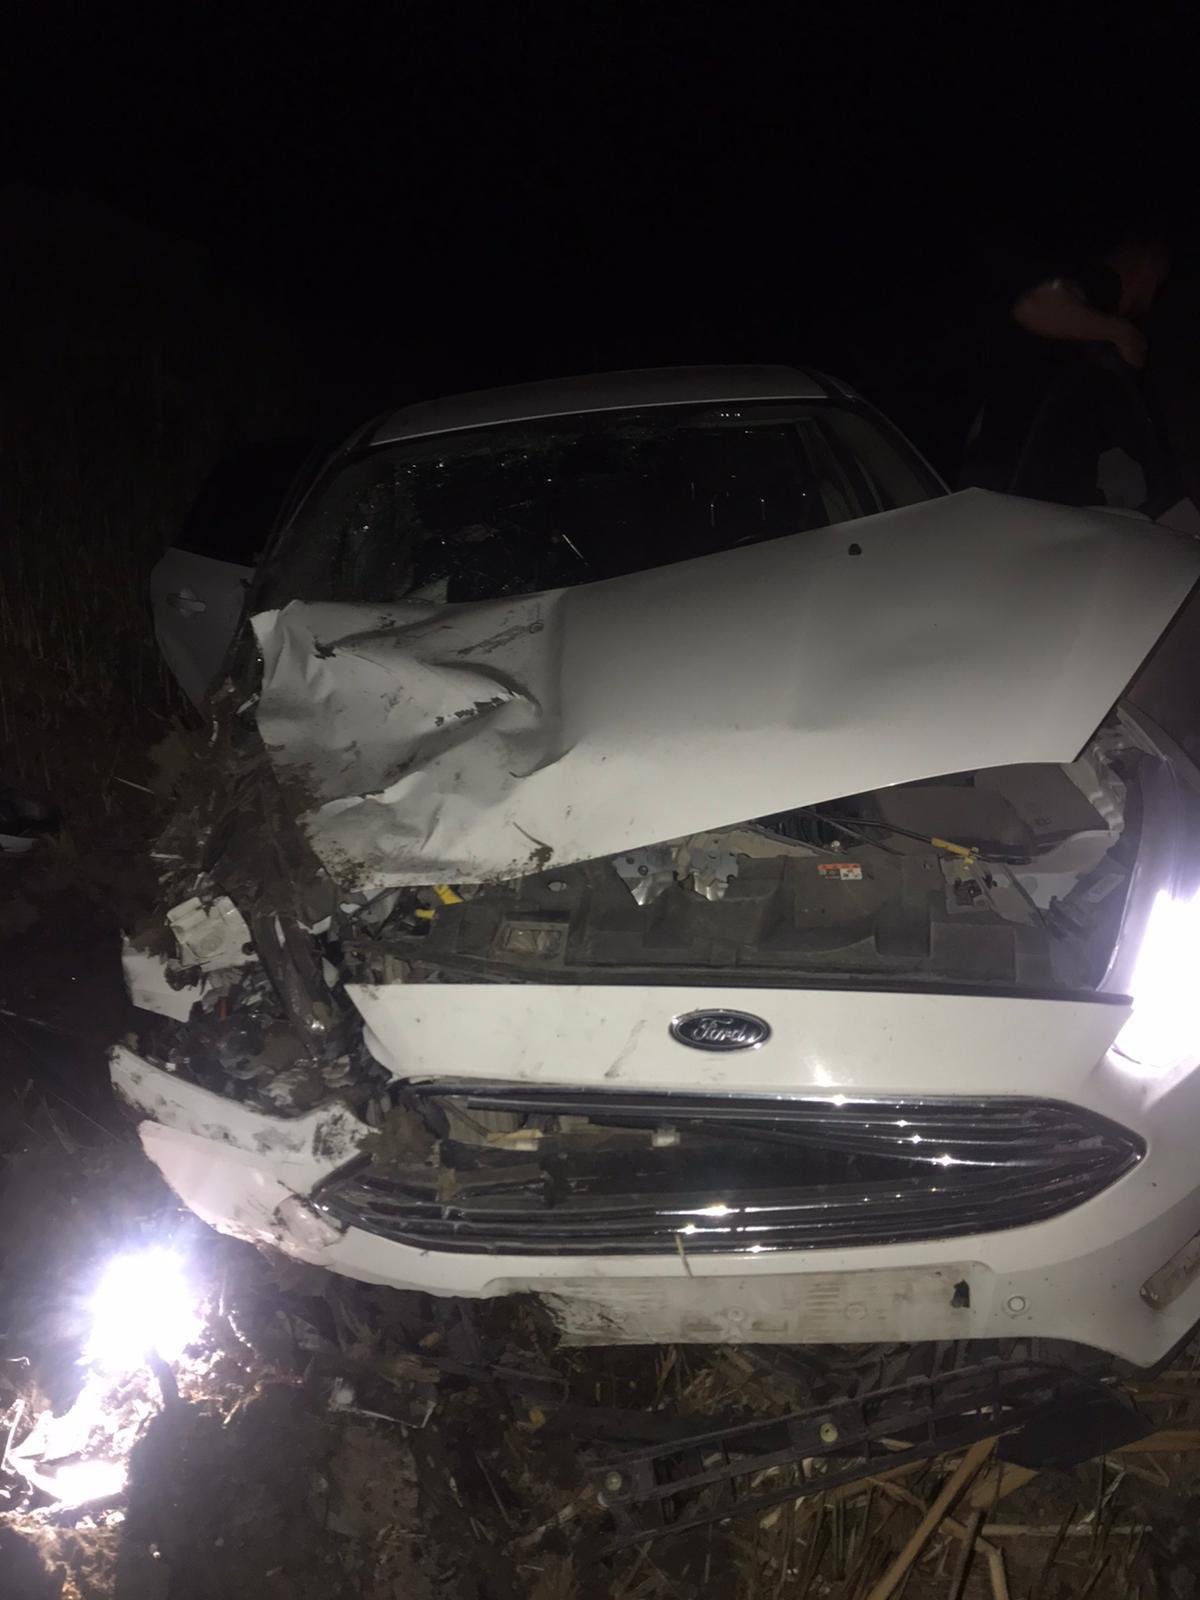 Iğdır'da dönüş yolunda olan filyasyon ekibi kaza yaptı 3 yaralı